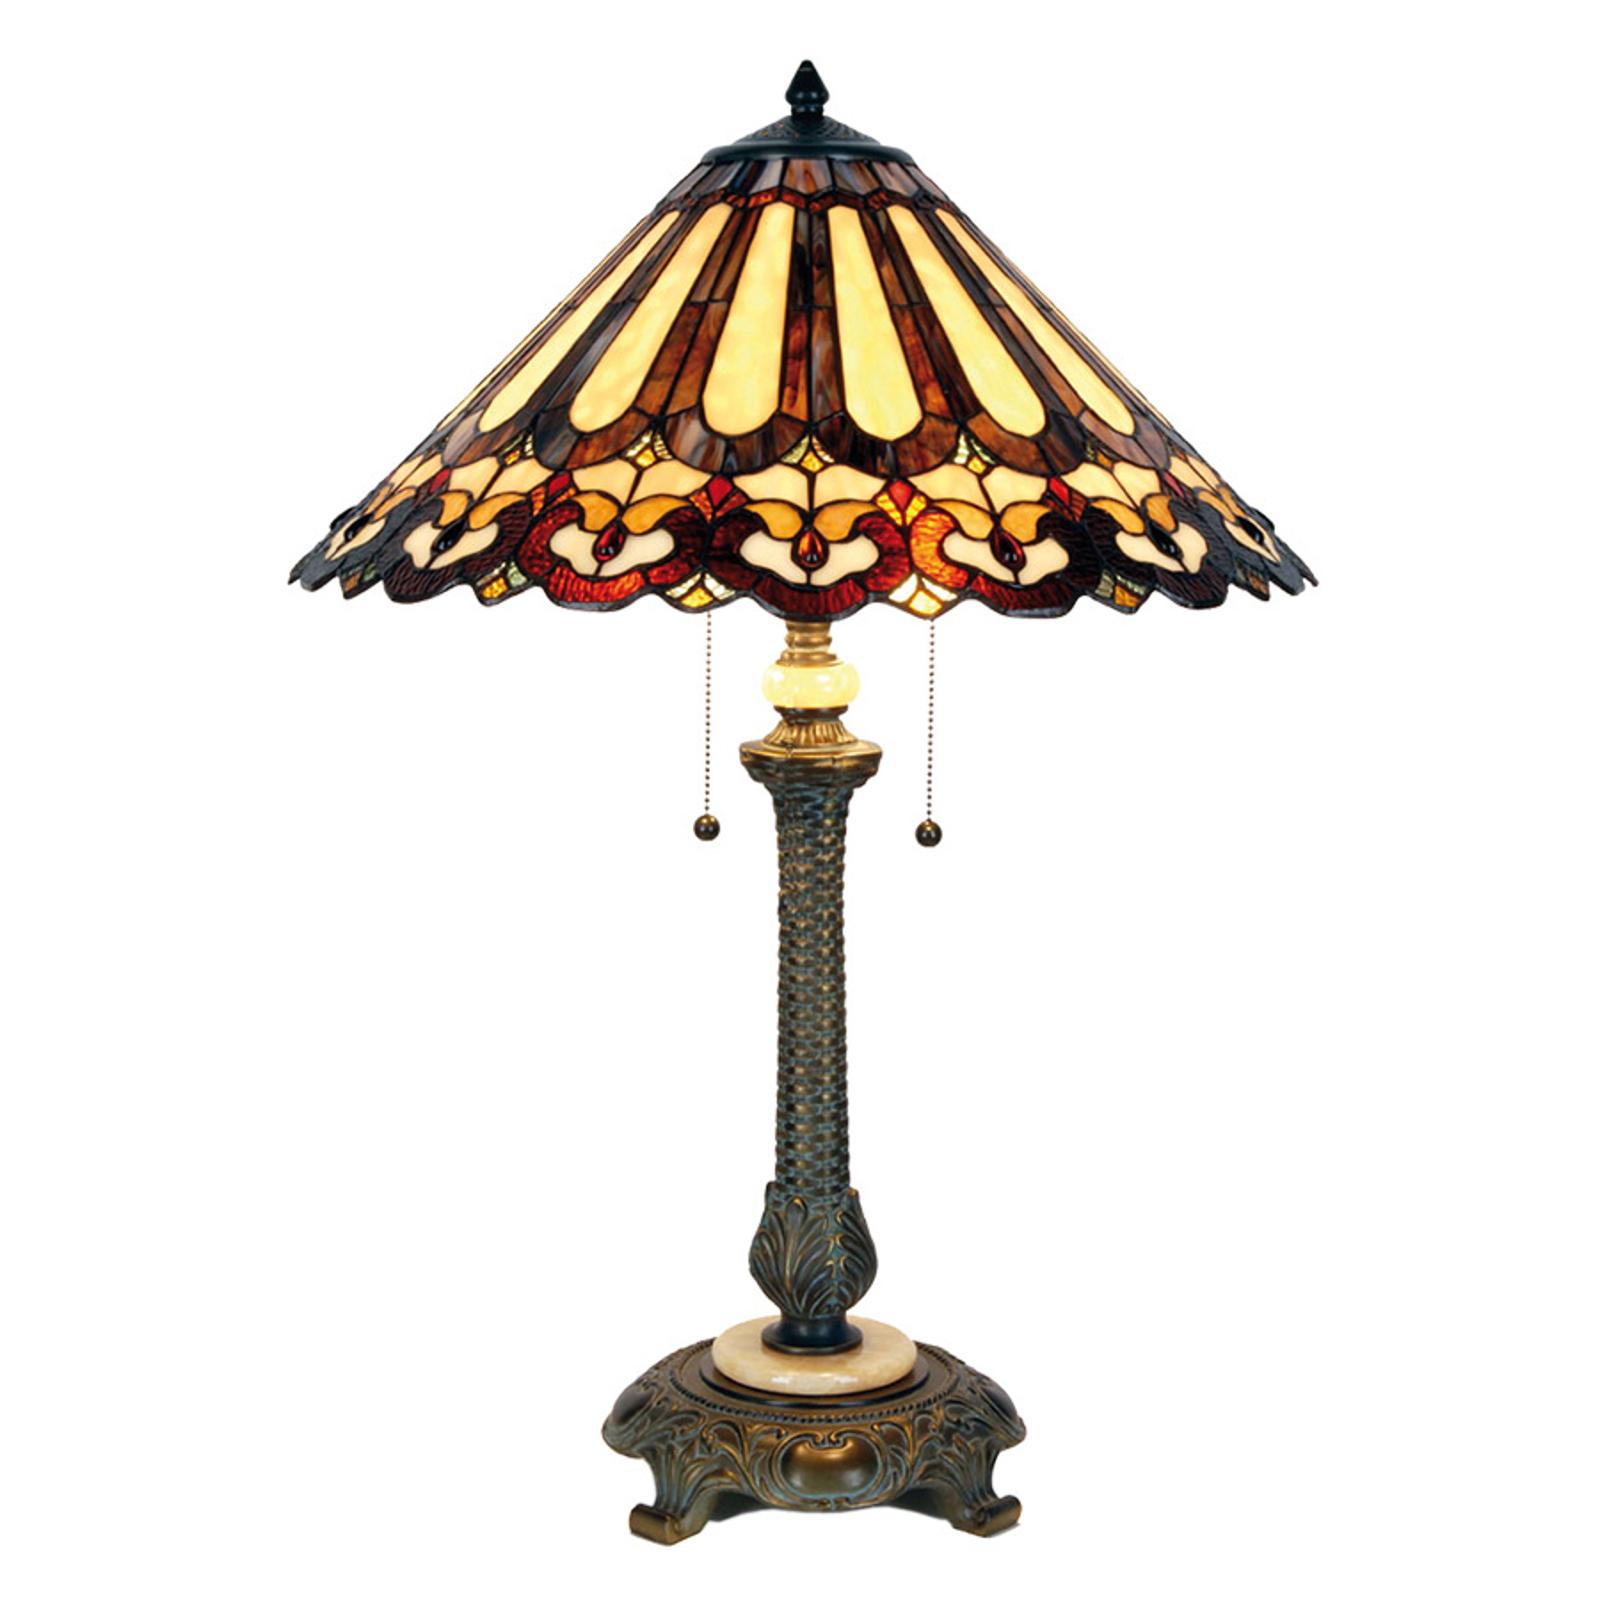 Lampe à poser Cecilia de style Tiffany